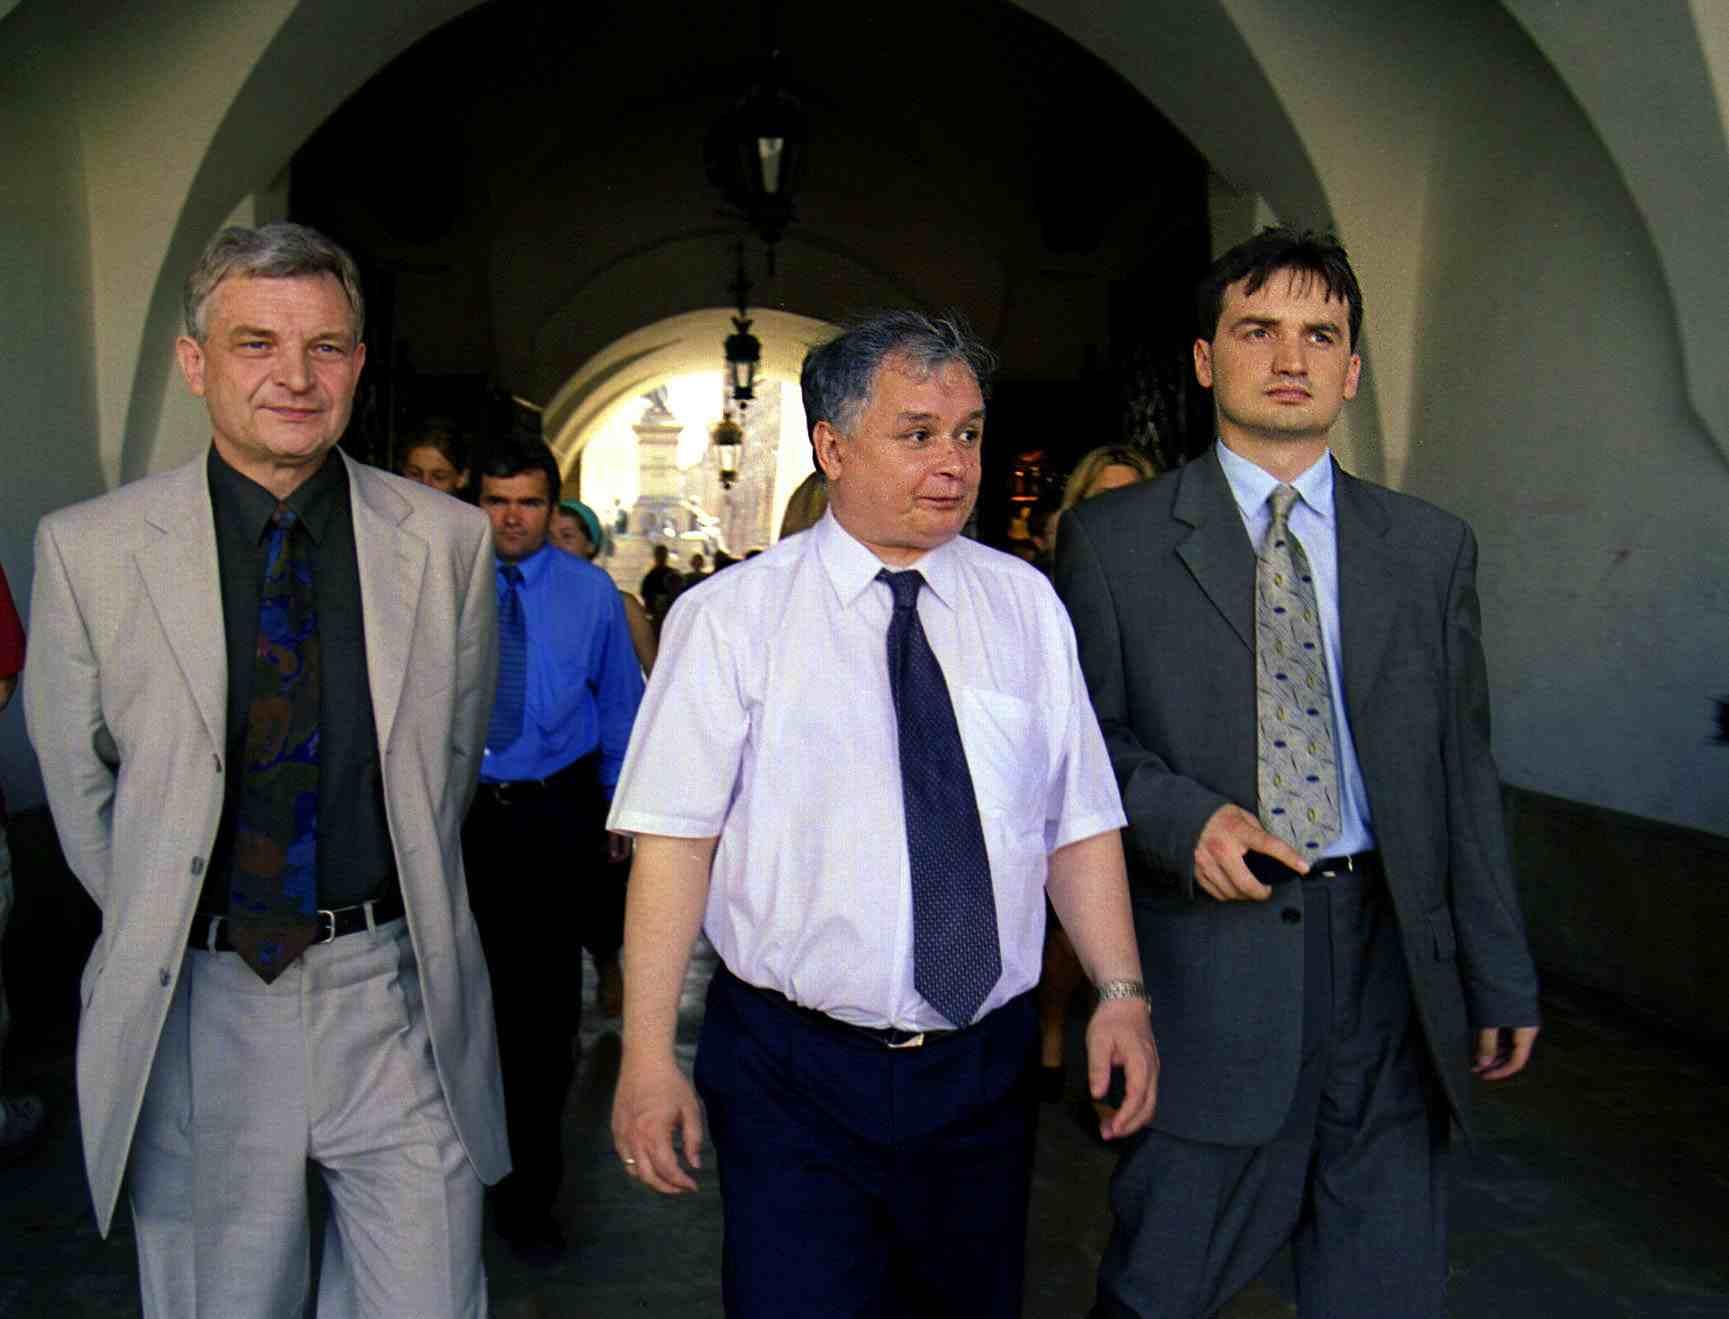 Zbigniew Wasserman, Jarosław Kaczyński, Zbigniew Ziobro